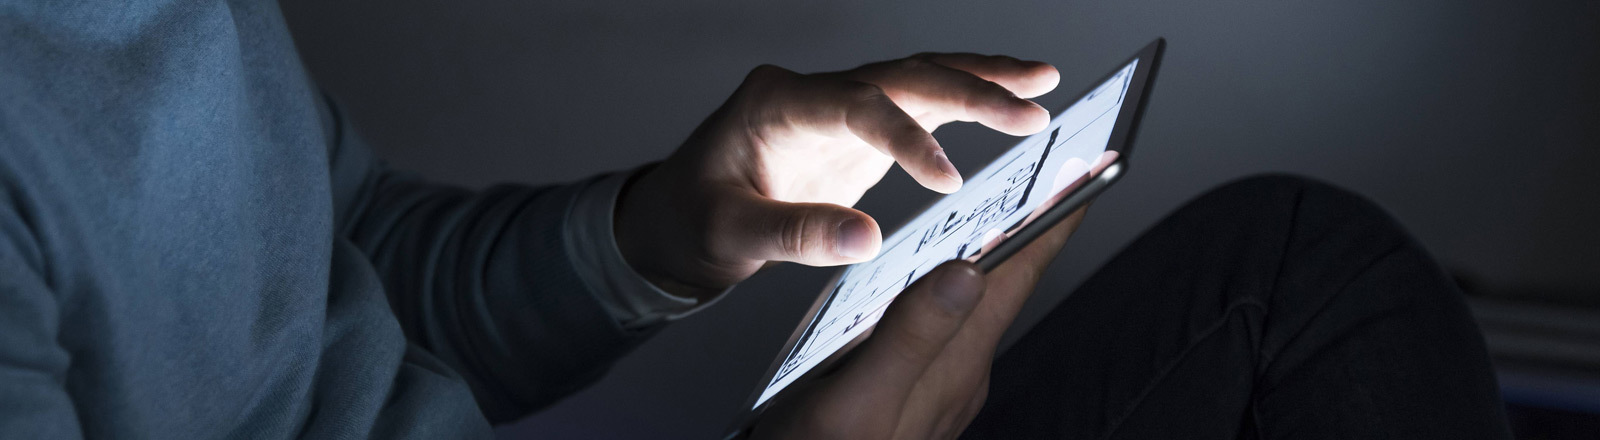 Ein Mann blickt auf sein Tablet.